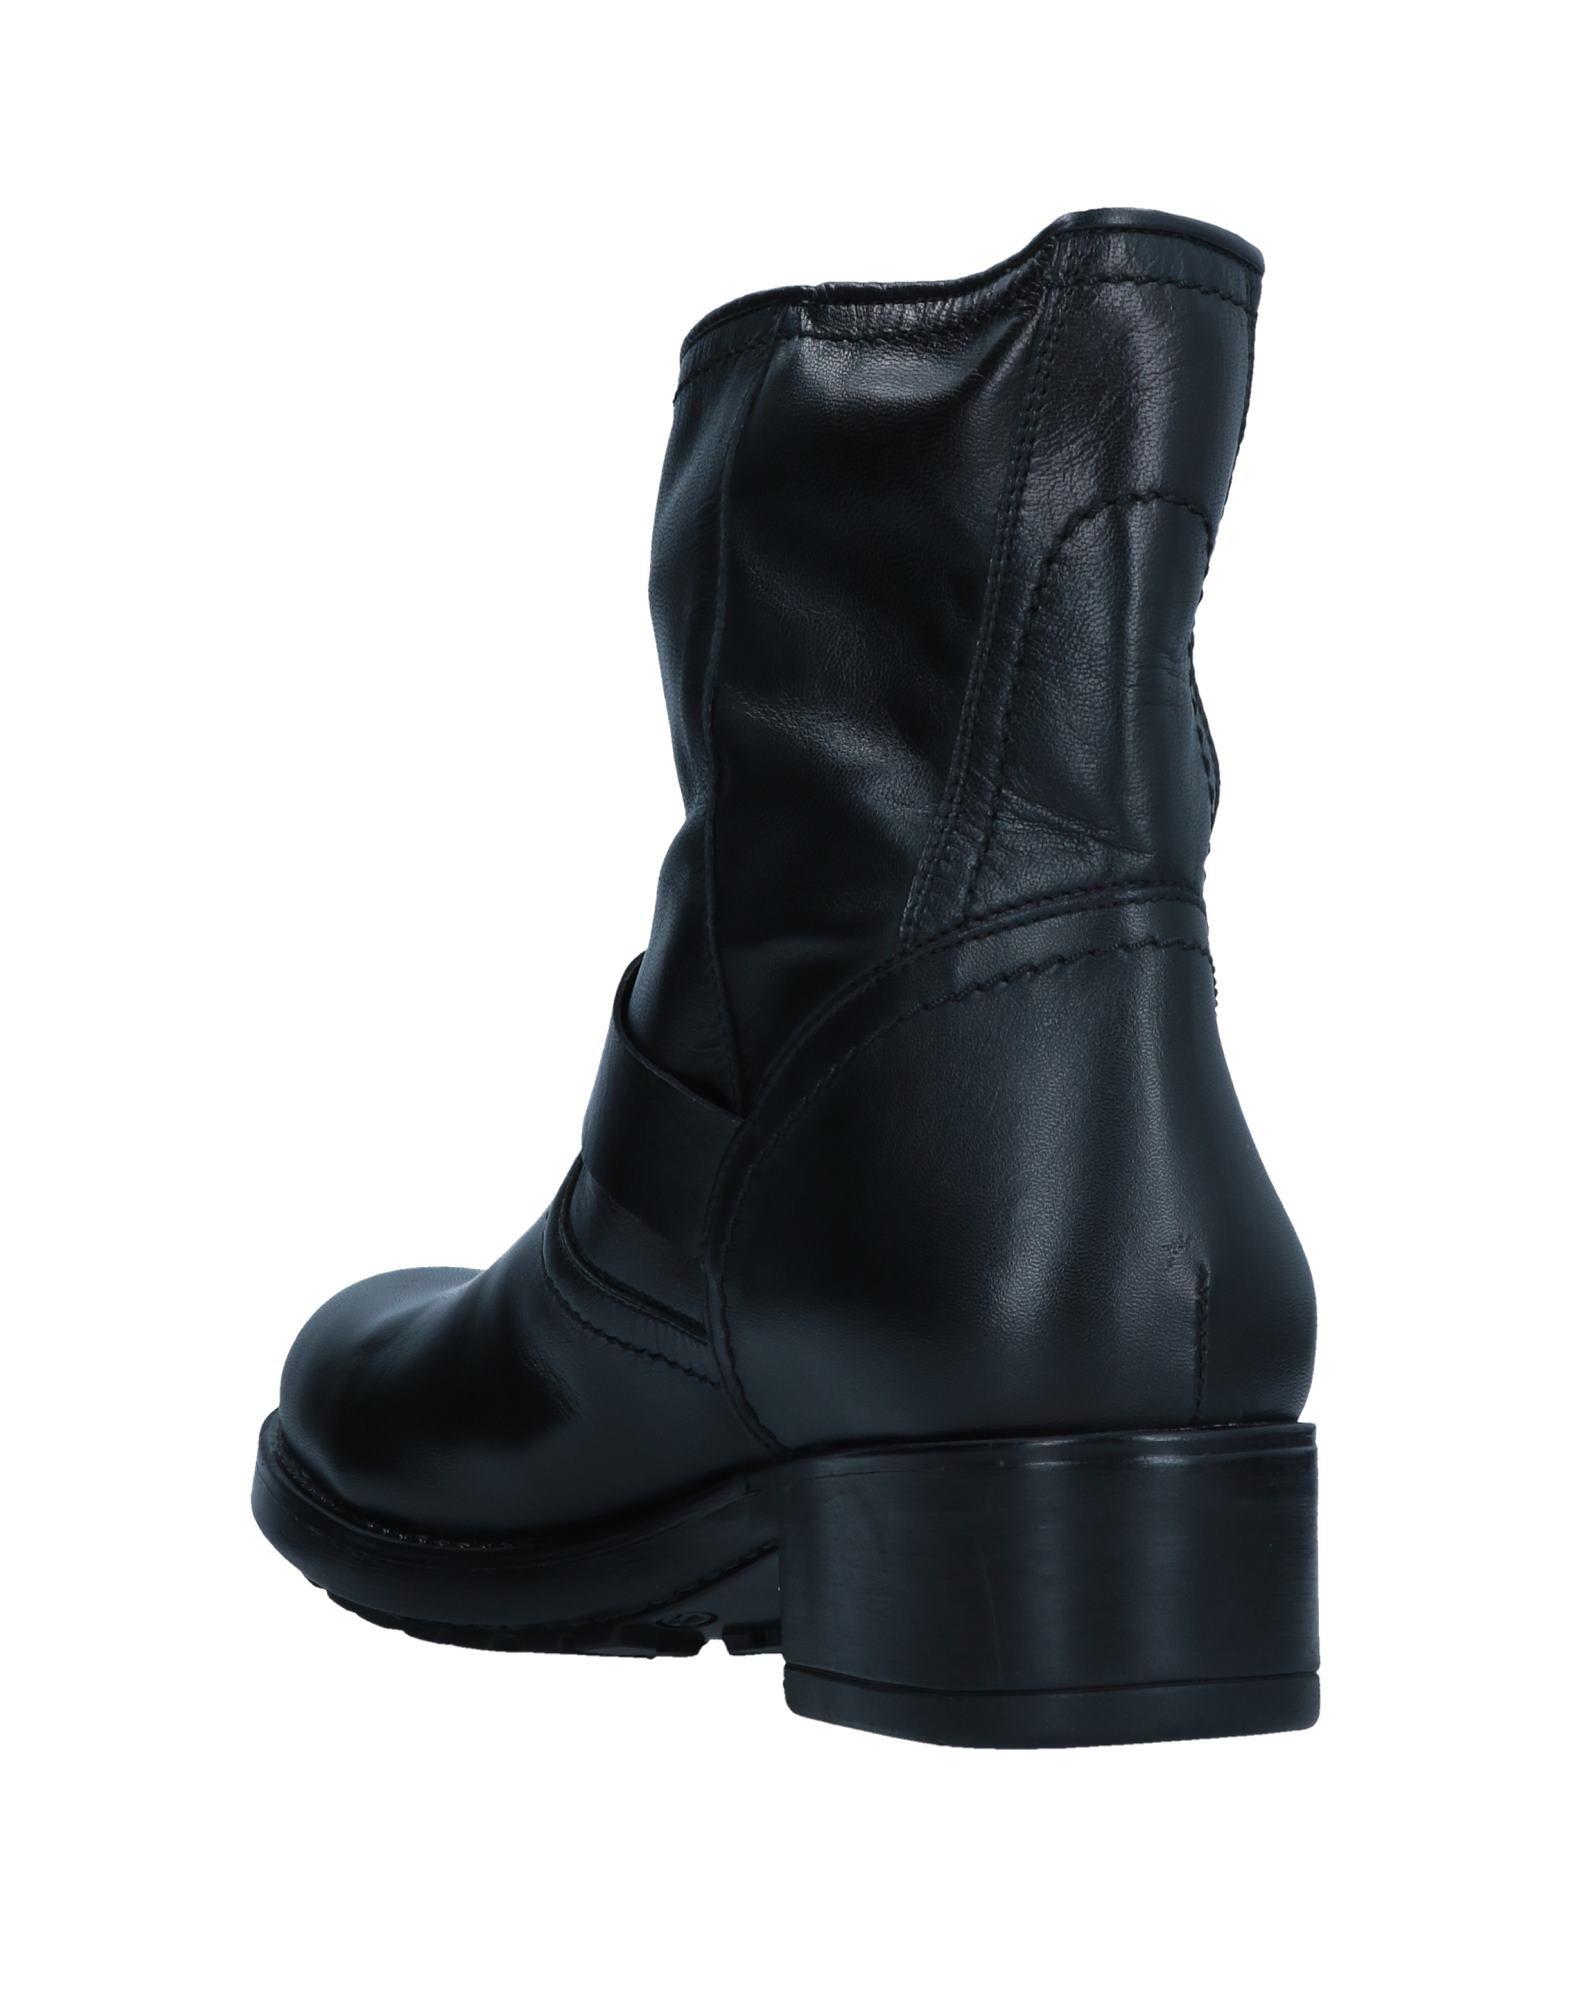 Loretta By Loretta Stiefelette Damen  11549064JV Gute Qualität beliebte beliebte Qualität Schuhe ecbff4